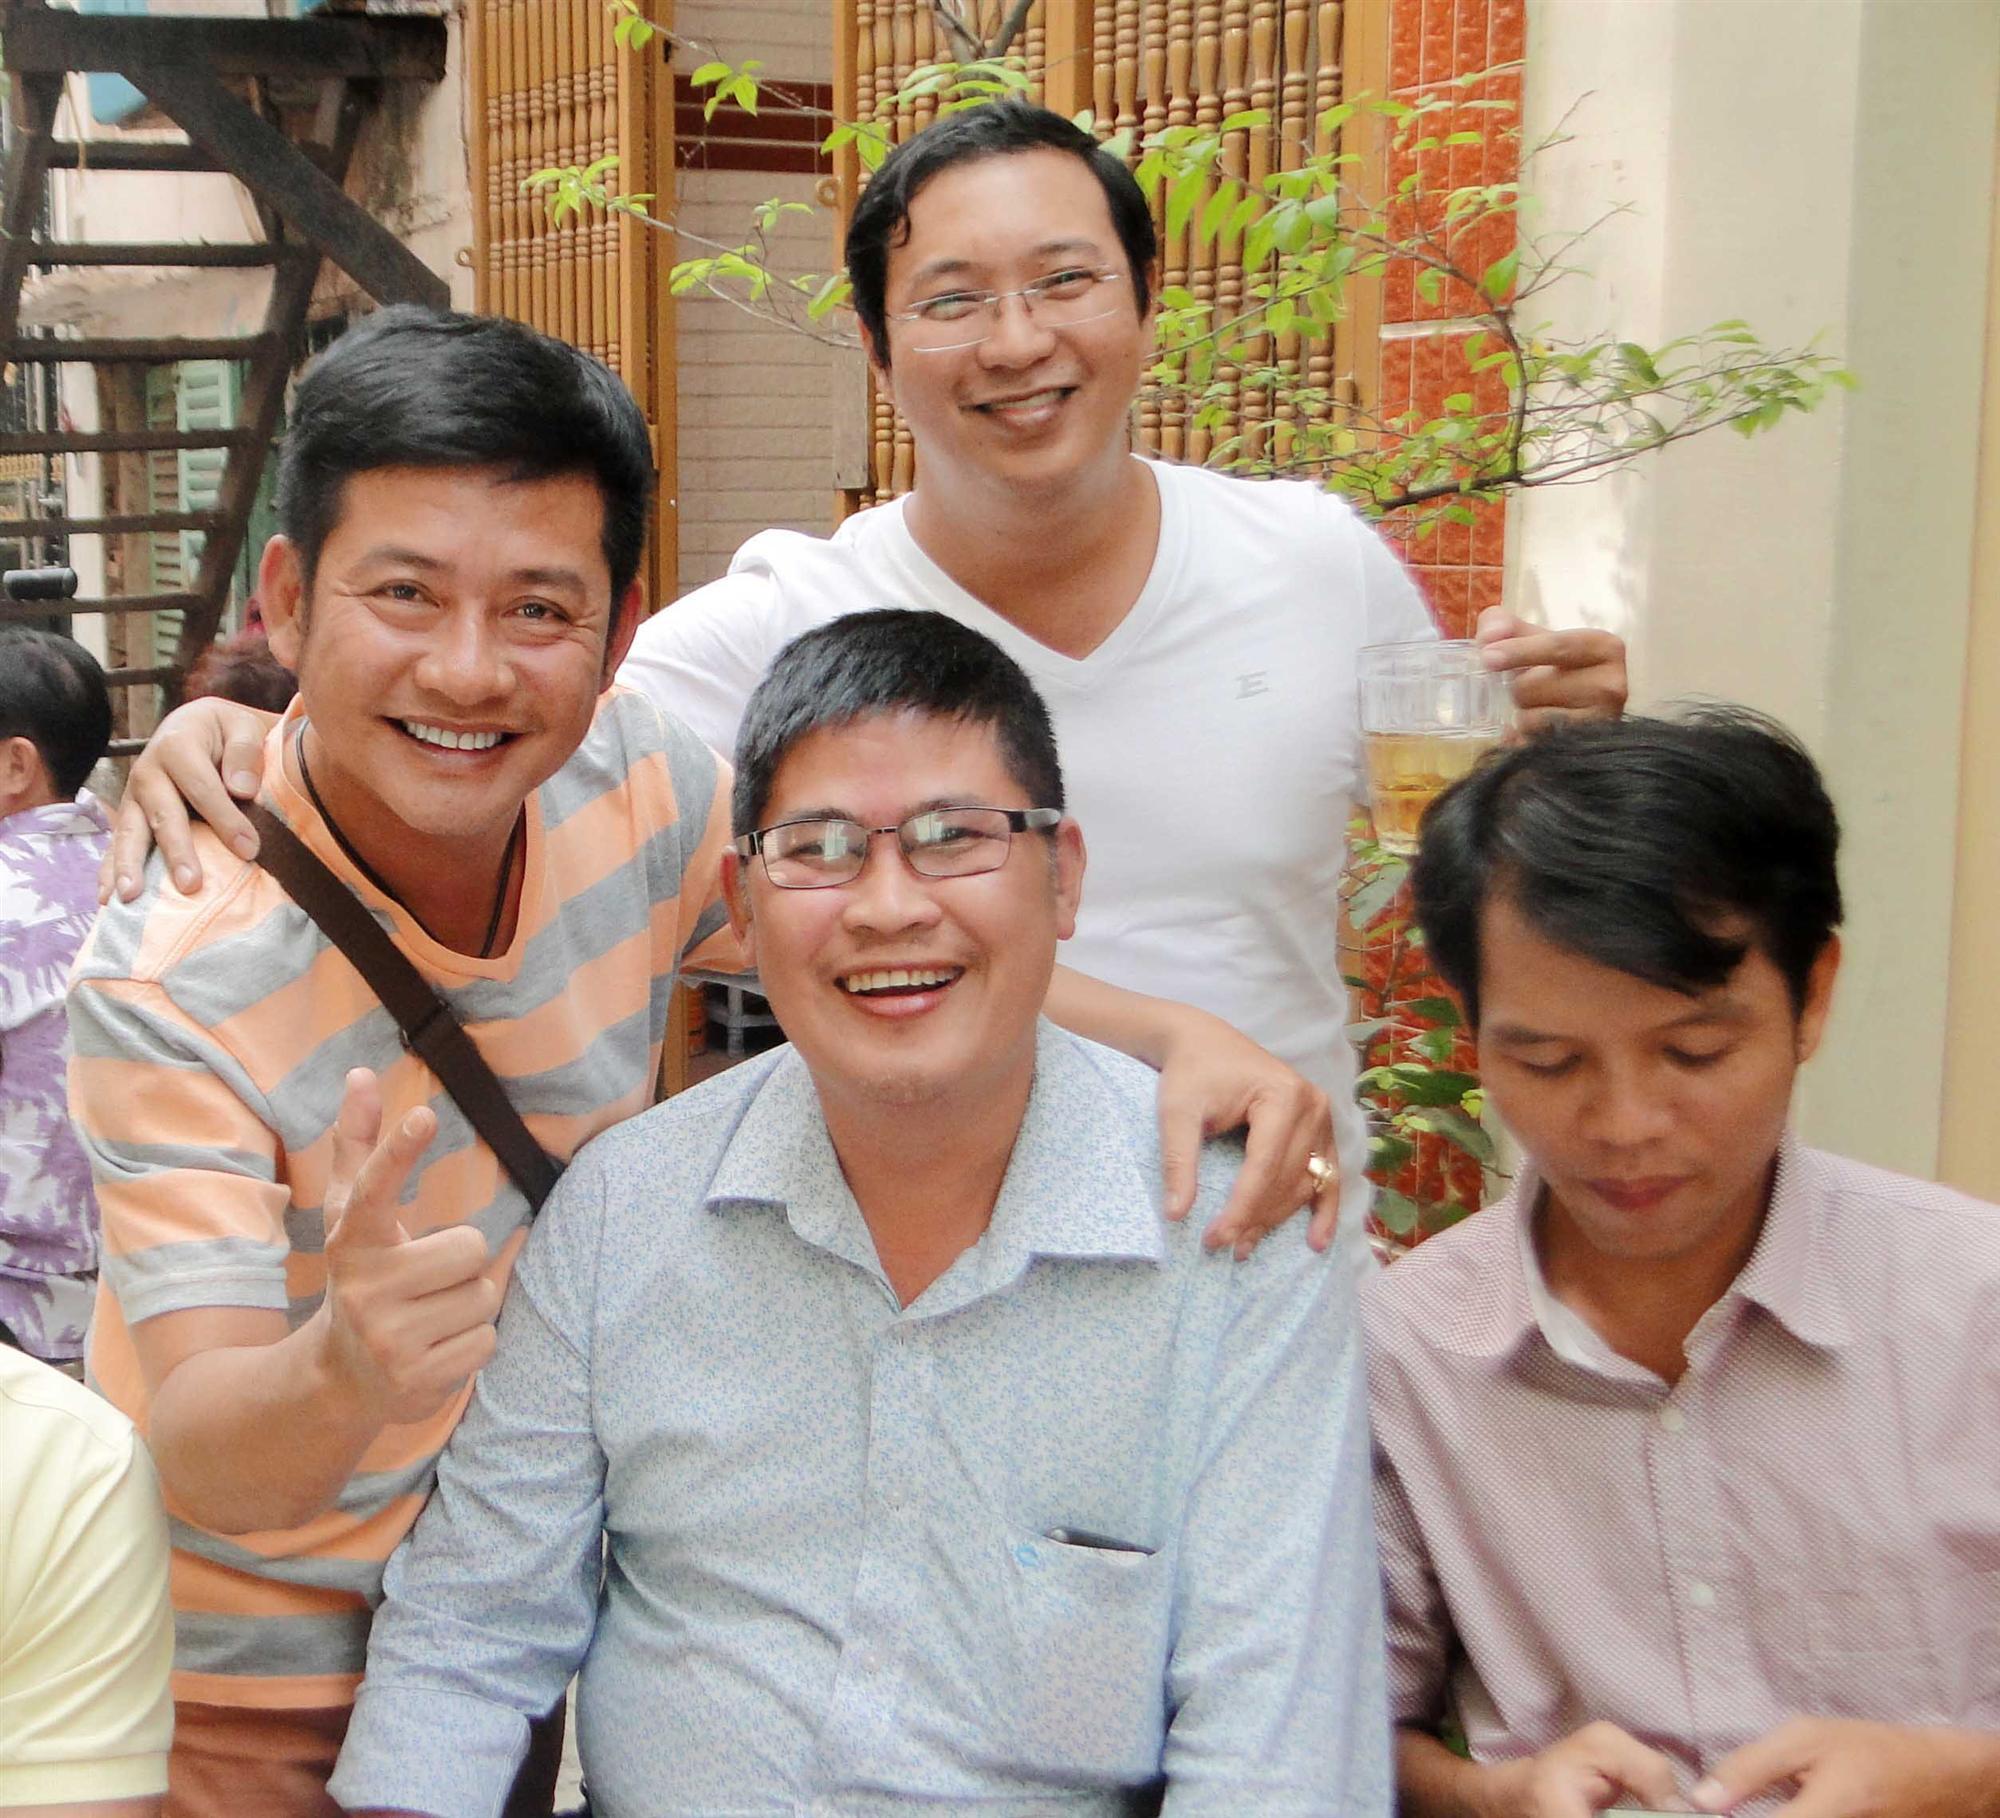 Từng tuyên bố gánh 2 tỷ nợ giùm Phước Sang, nghệ sĩ Tấn Beo có giữ lời?-1